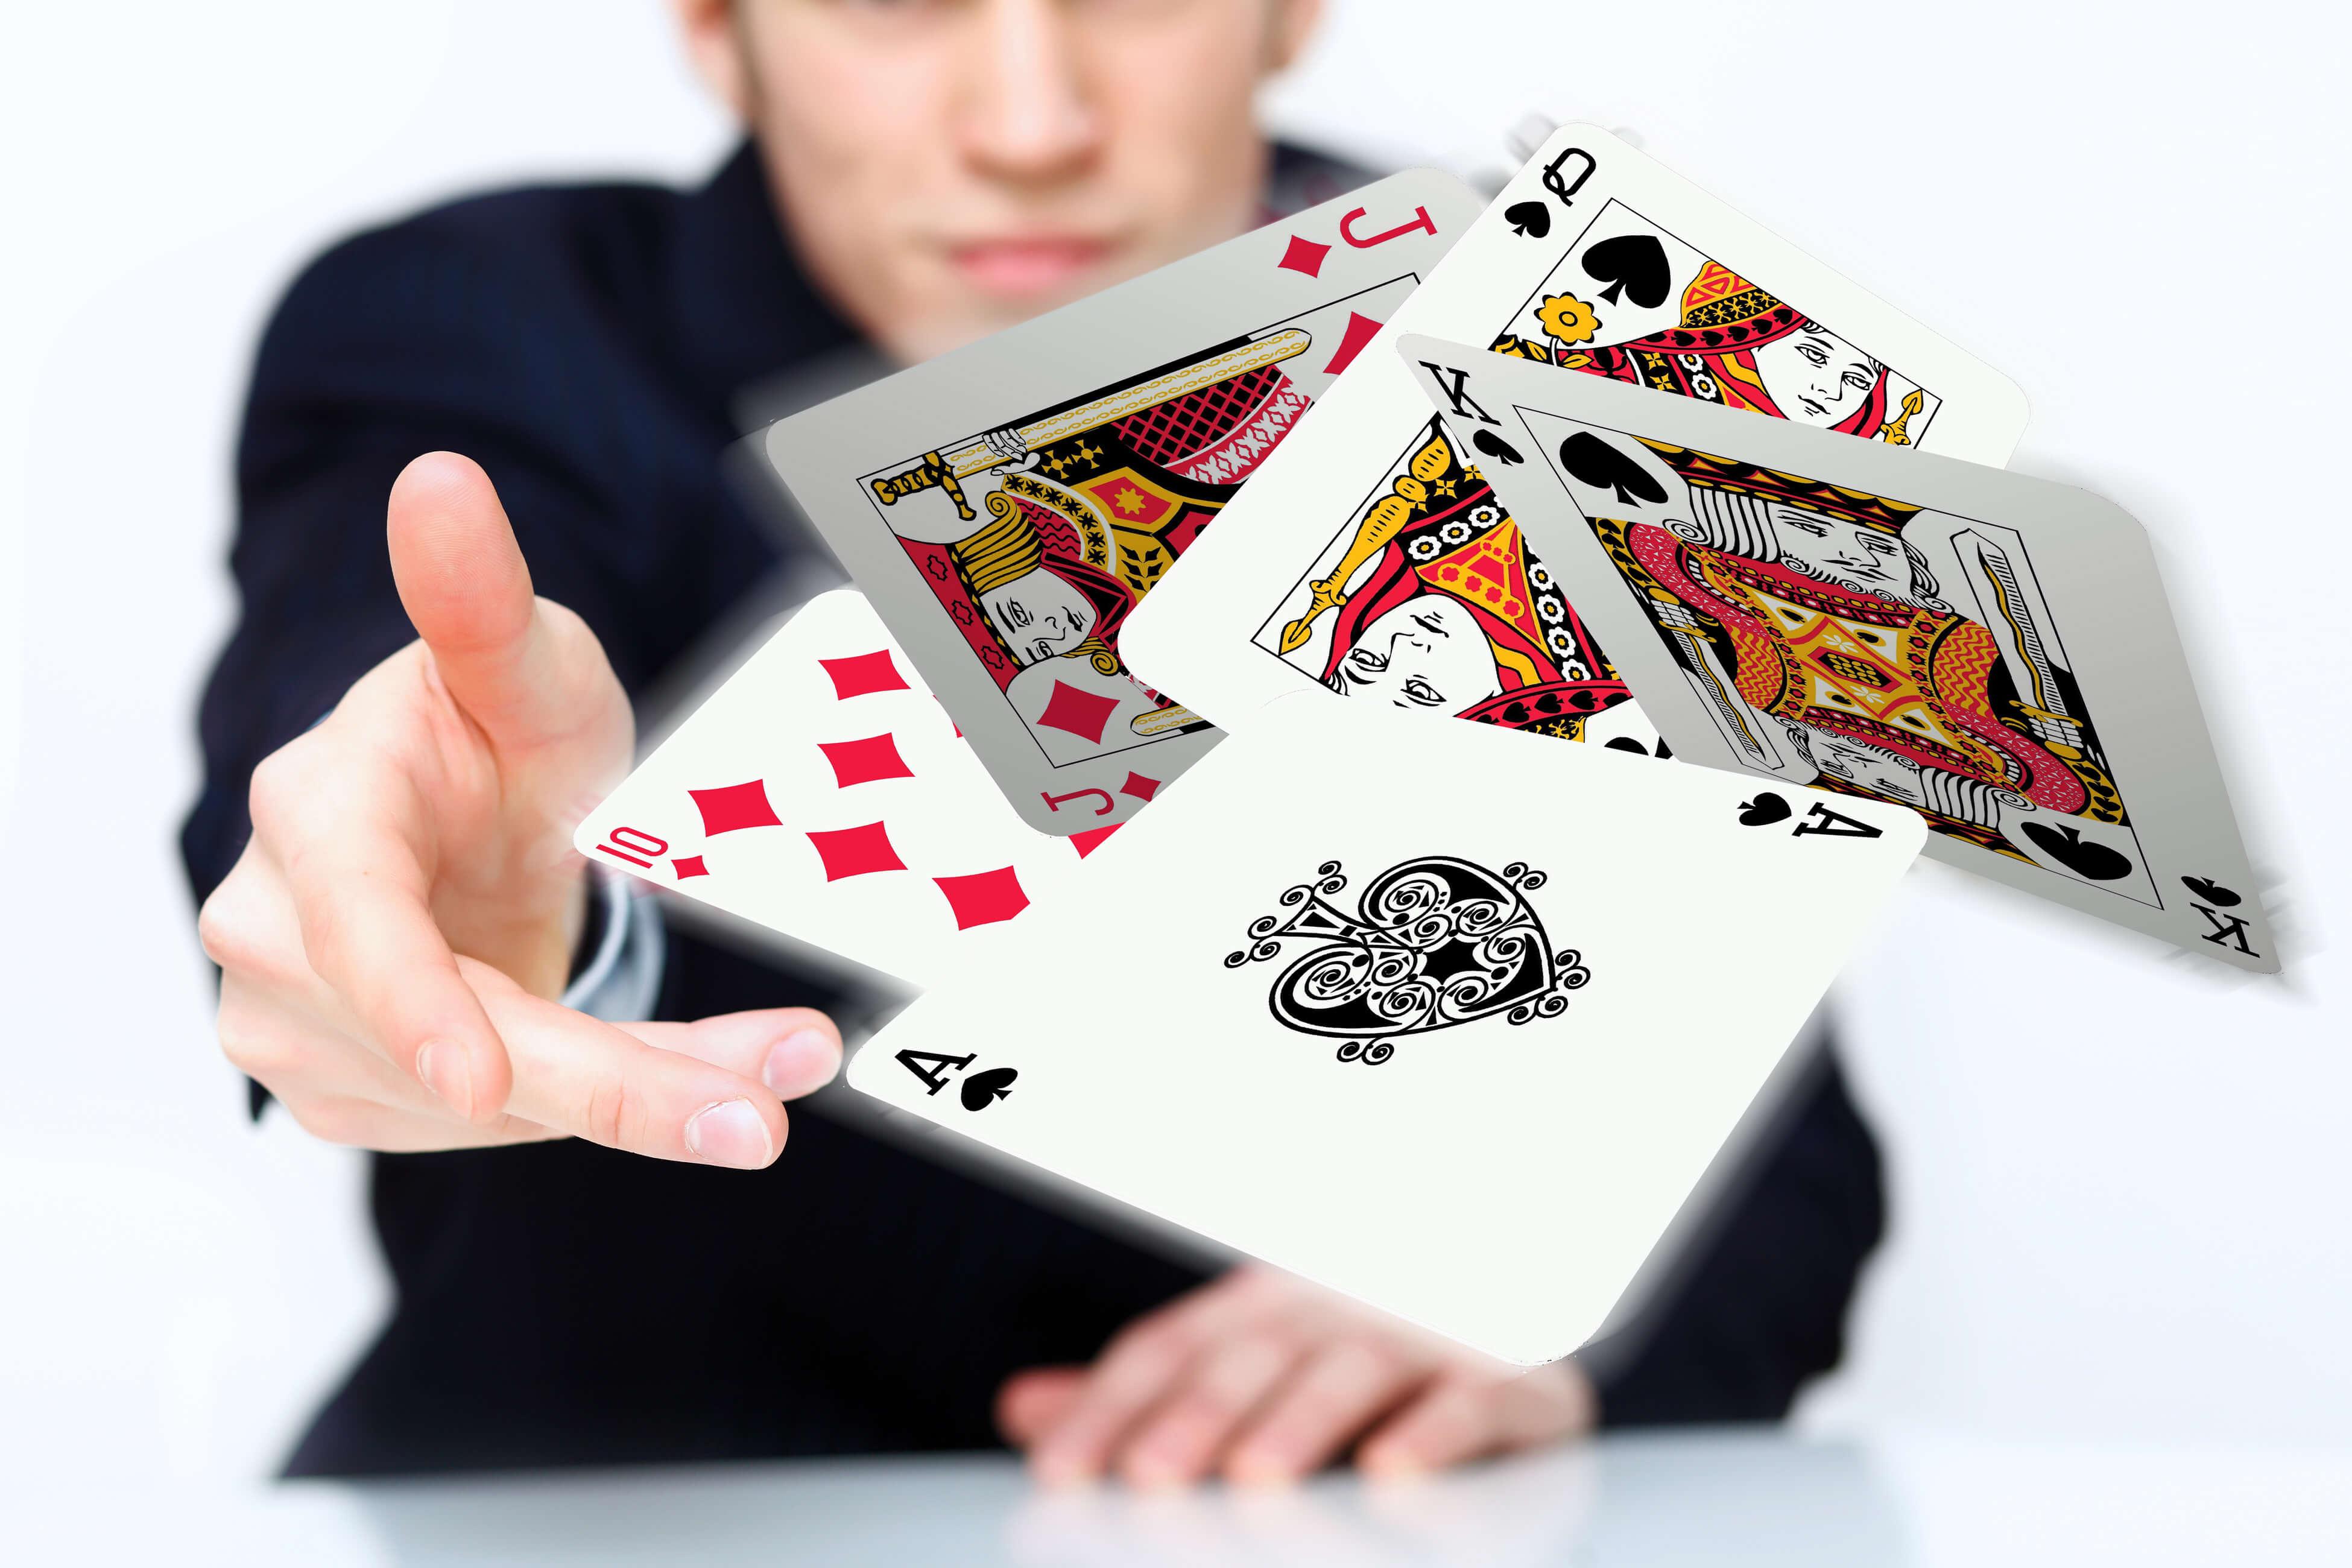 sistema martingala para blackjack en linea